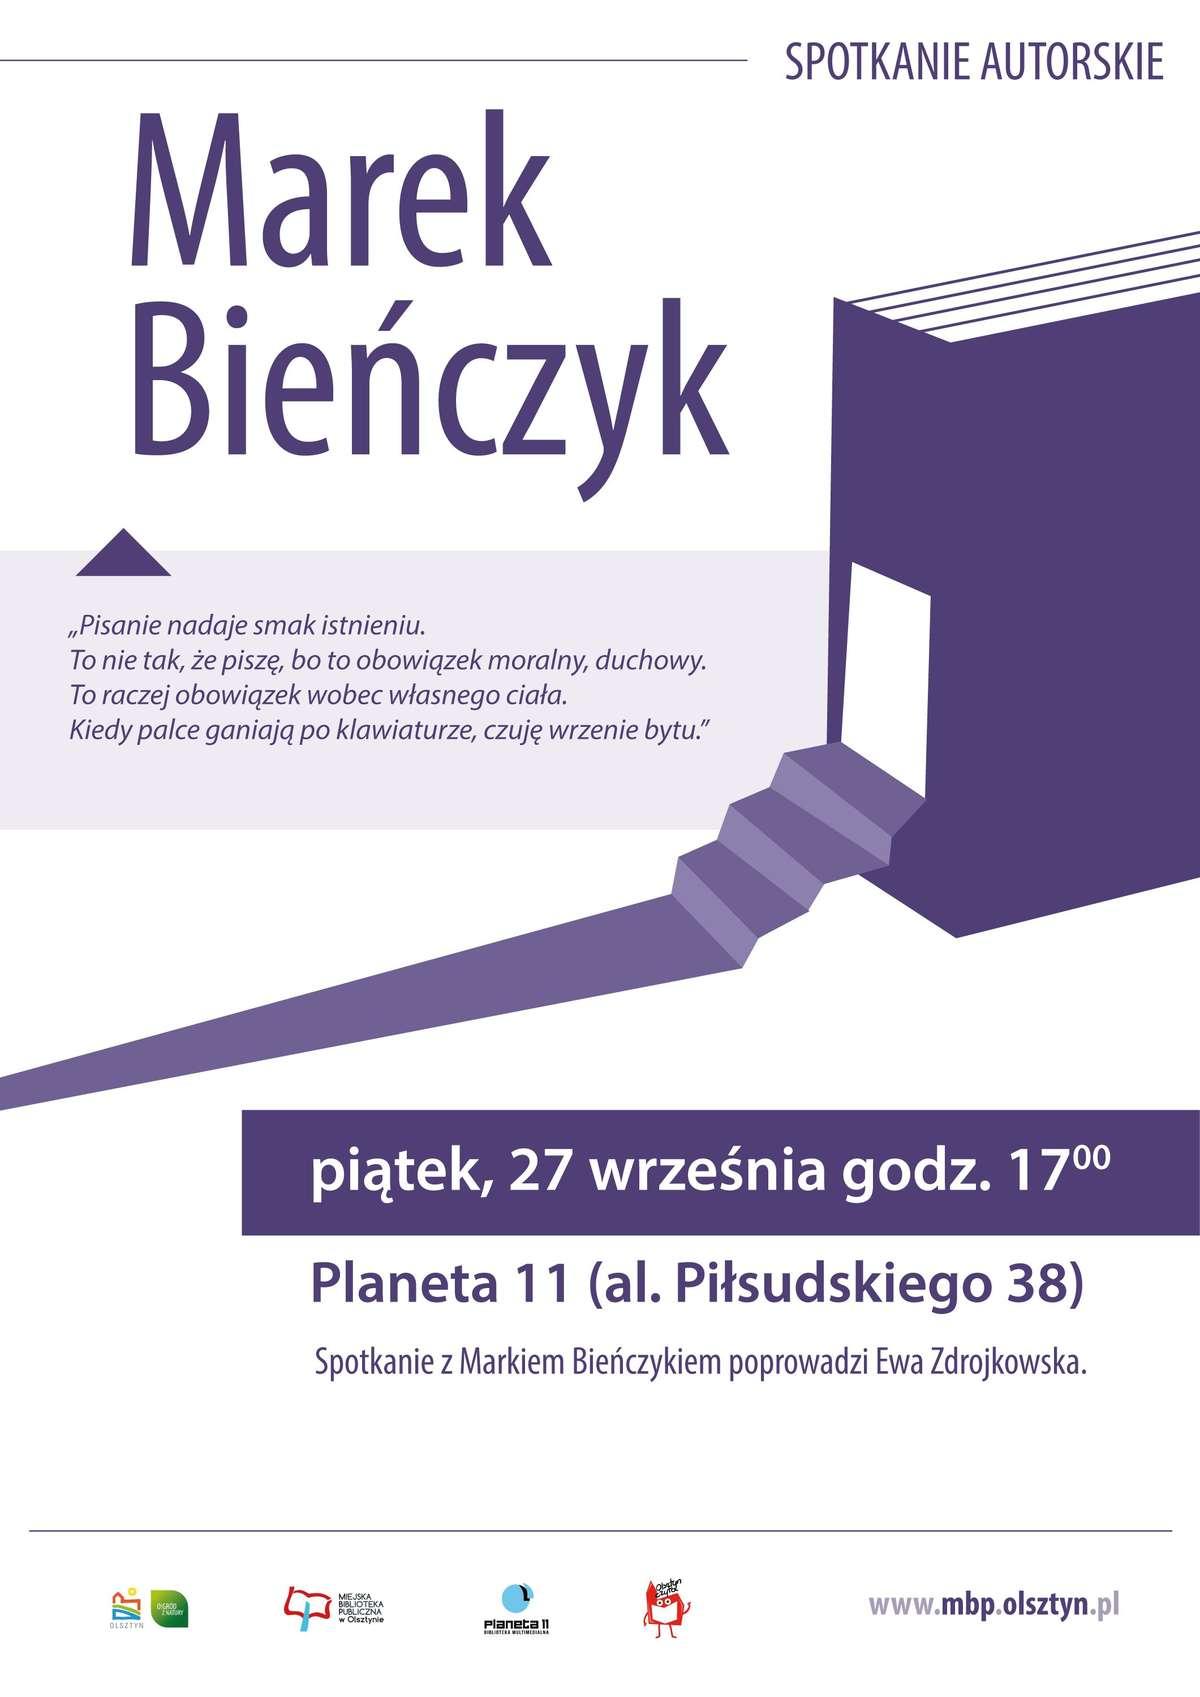 Marek Bieńczyk gościem Planety 11  - full image